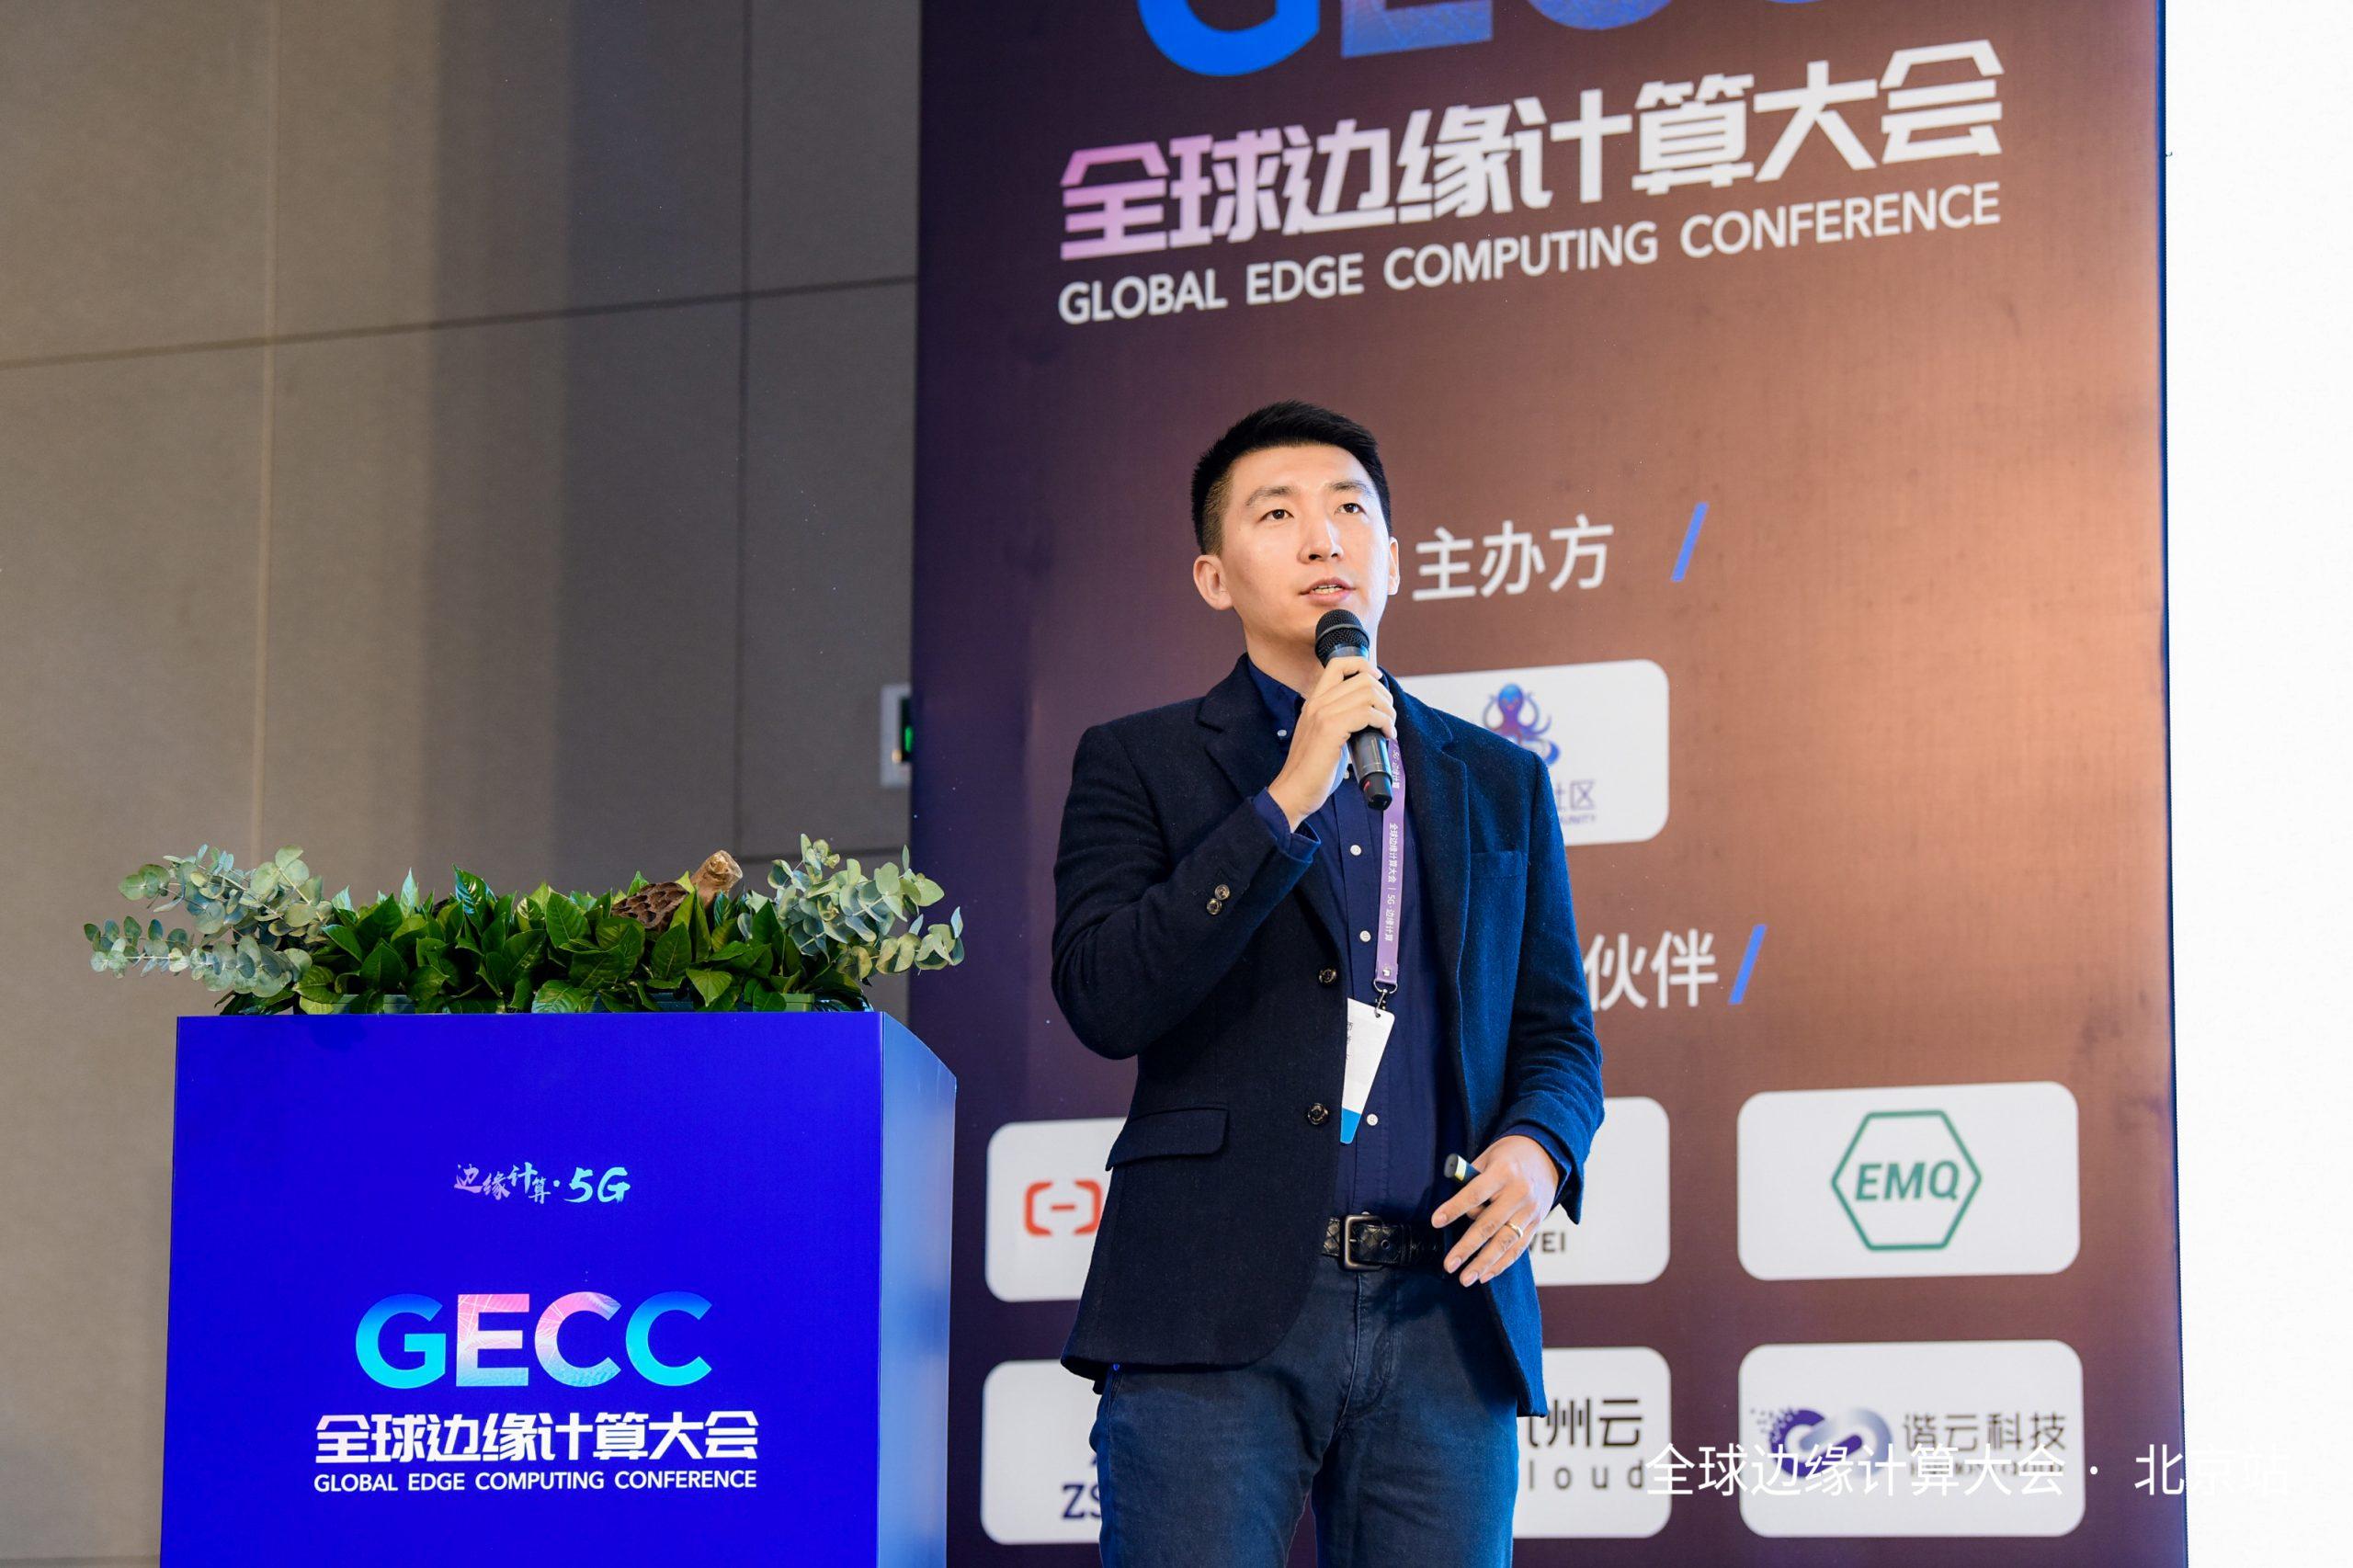 晨山资本王志飏:万物智联时代,智能企业的创新路径